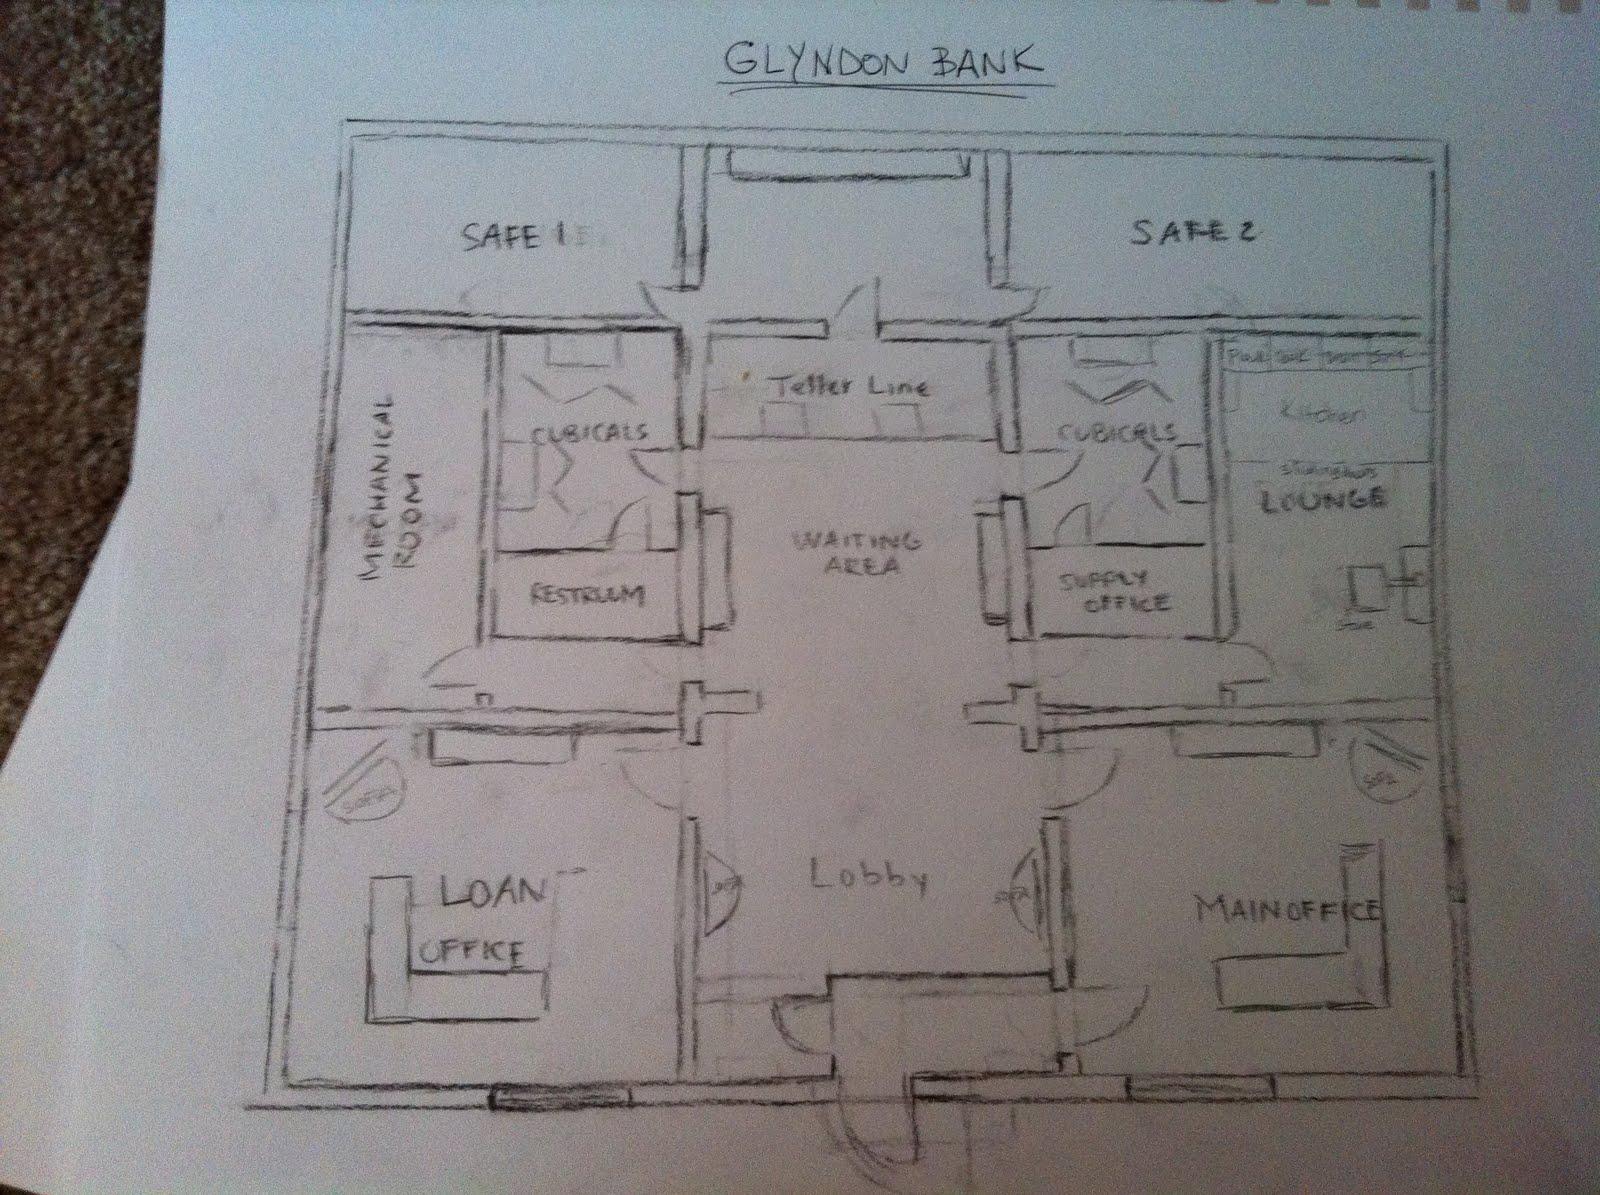 banks floor plans